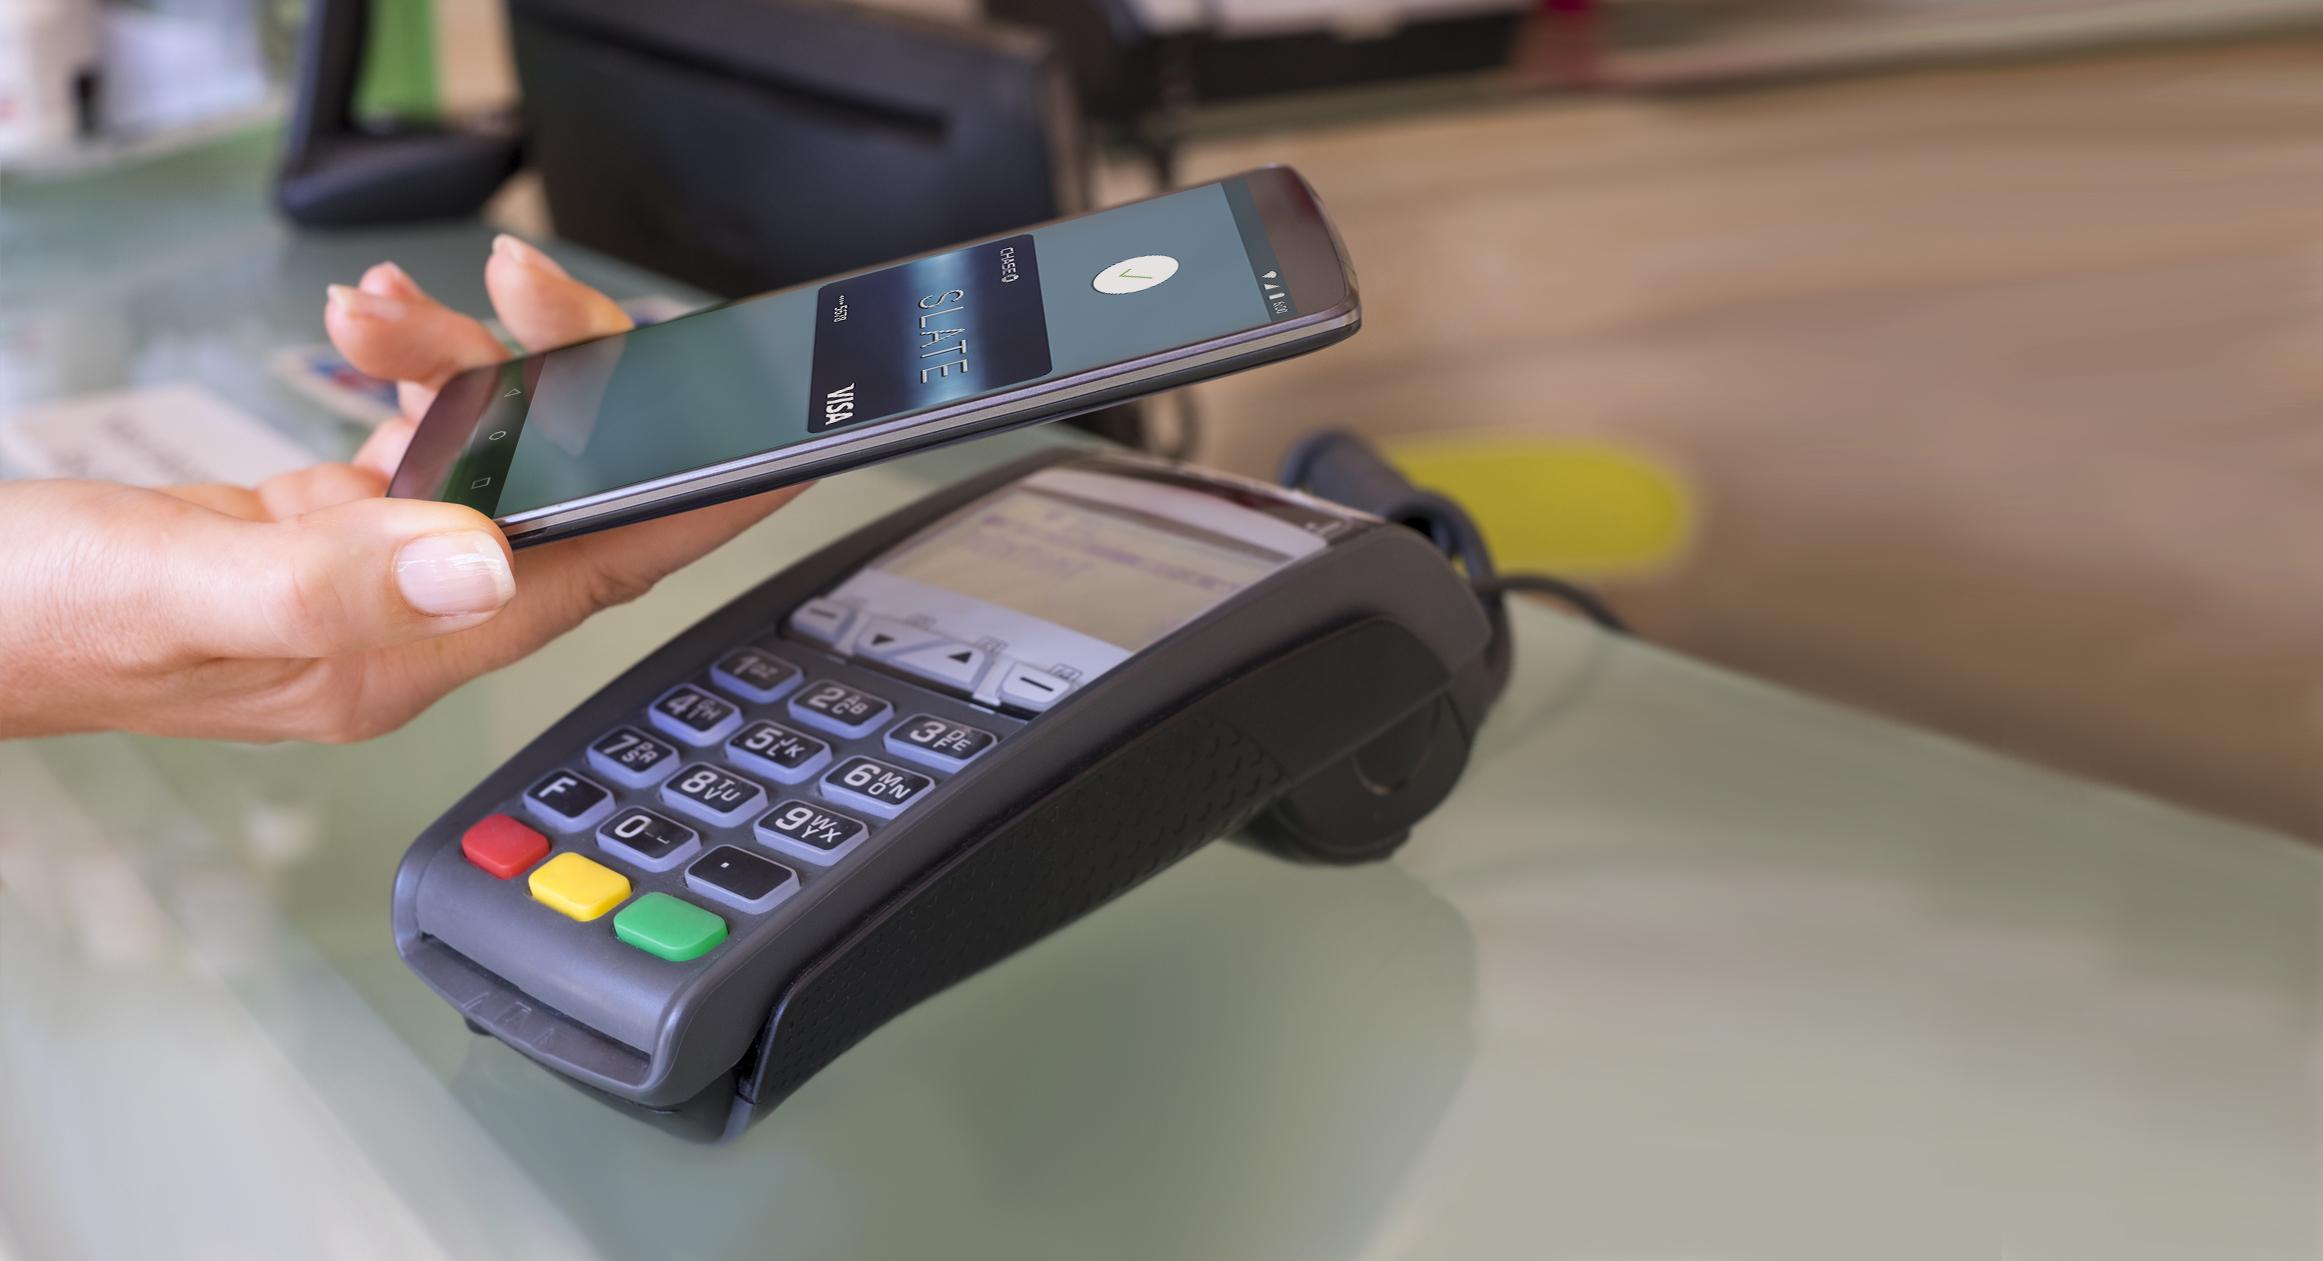 kartinka-1.-beskontaktnaja-oplata-pokupok-s-android-smartfona.jpg